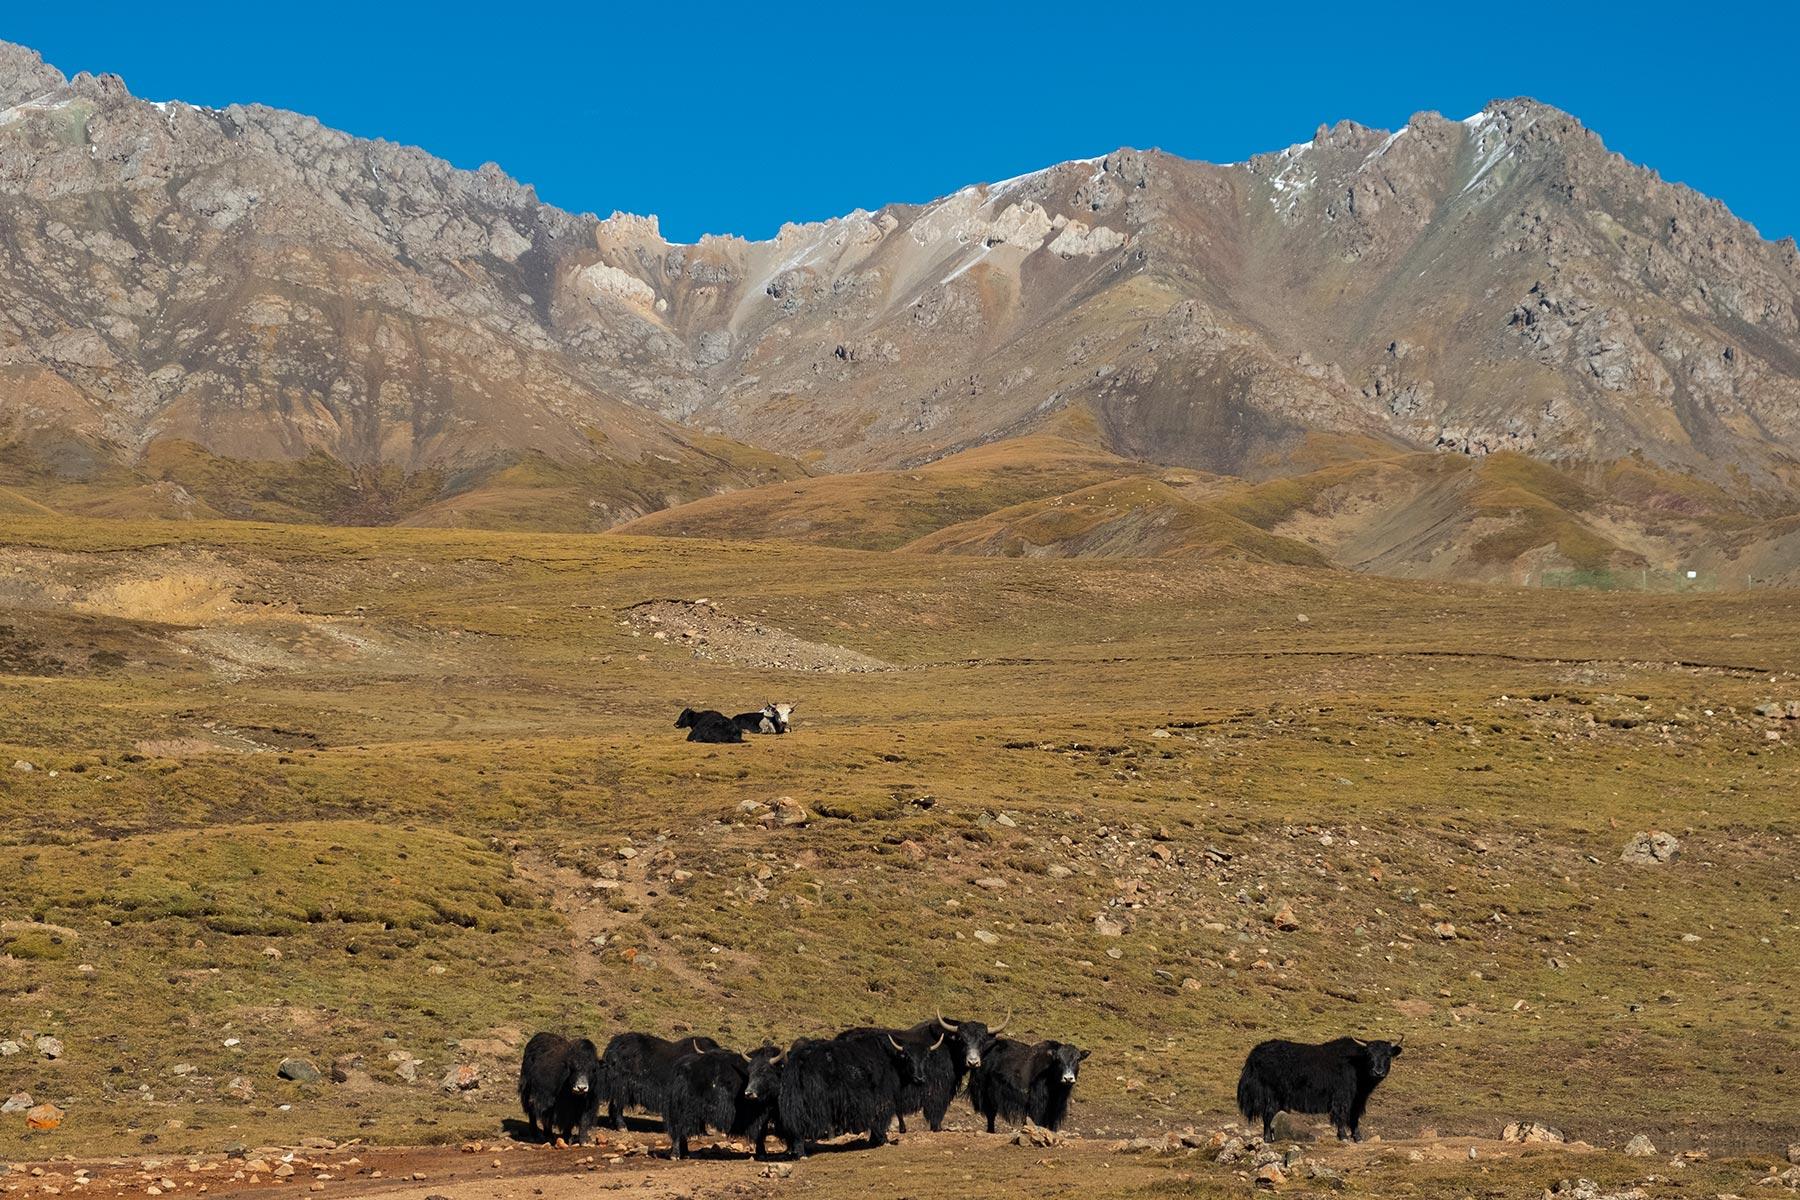 Fahrt von Gansu nach Qinghai durch die Berge mit schwarzen Yaks